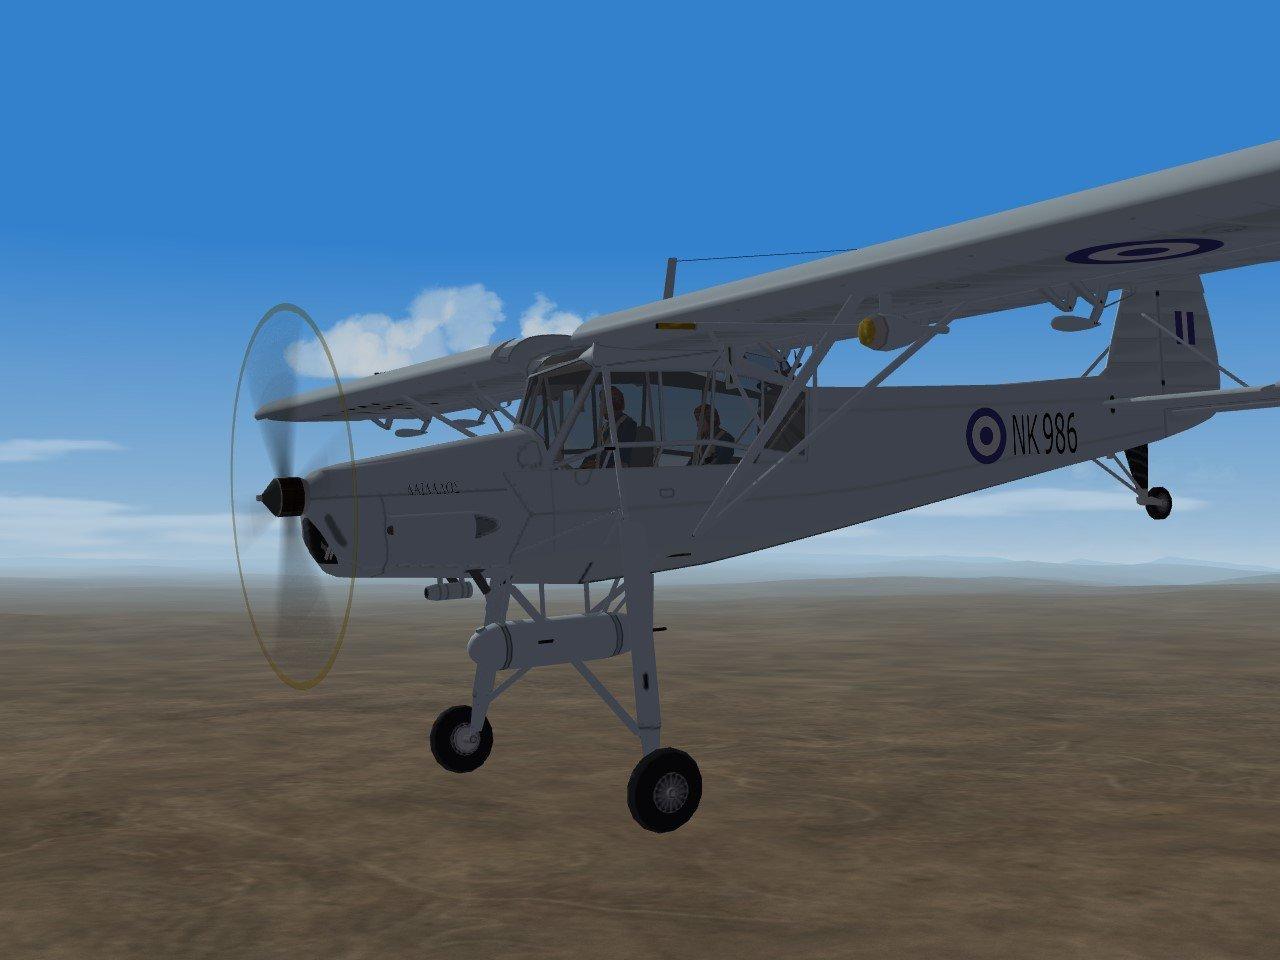 RHAF SF2 WW2 Fieseler Fi 156 'Storch